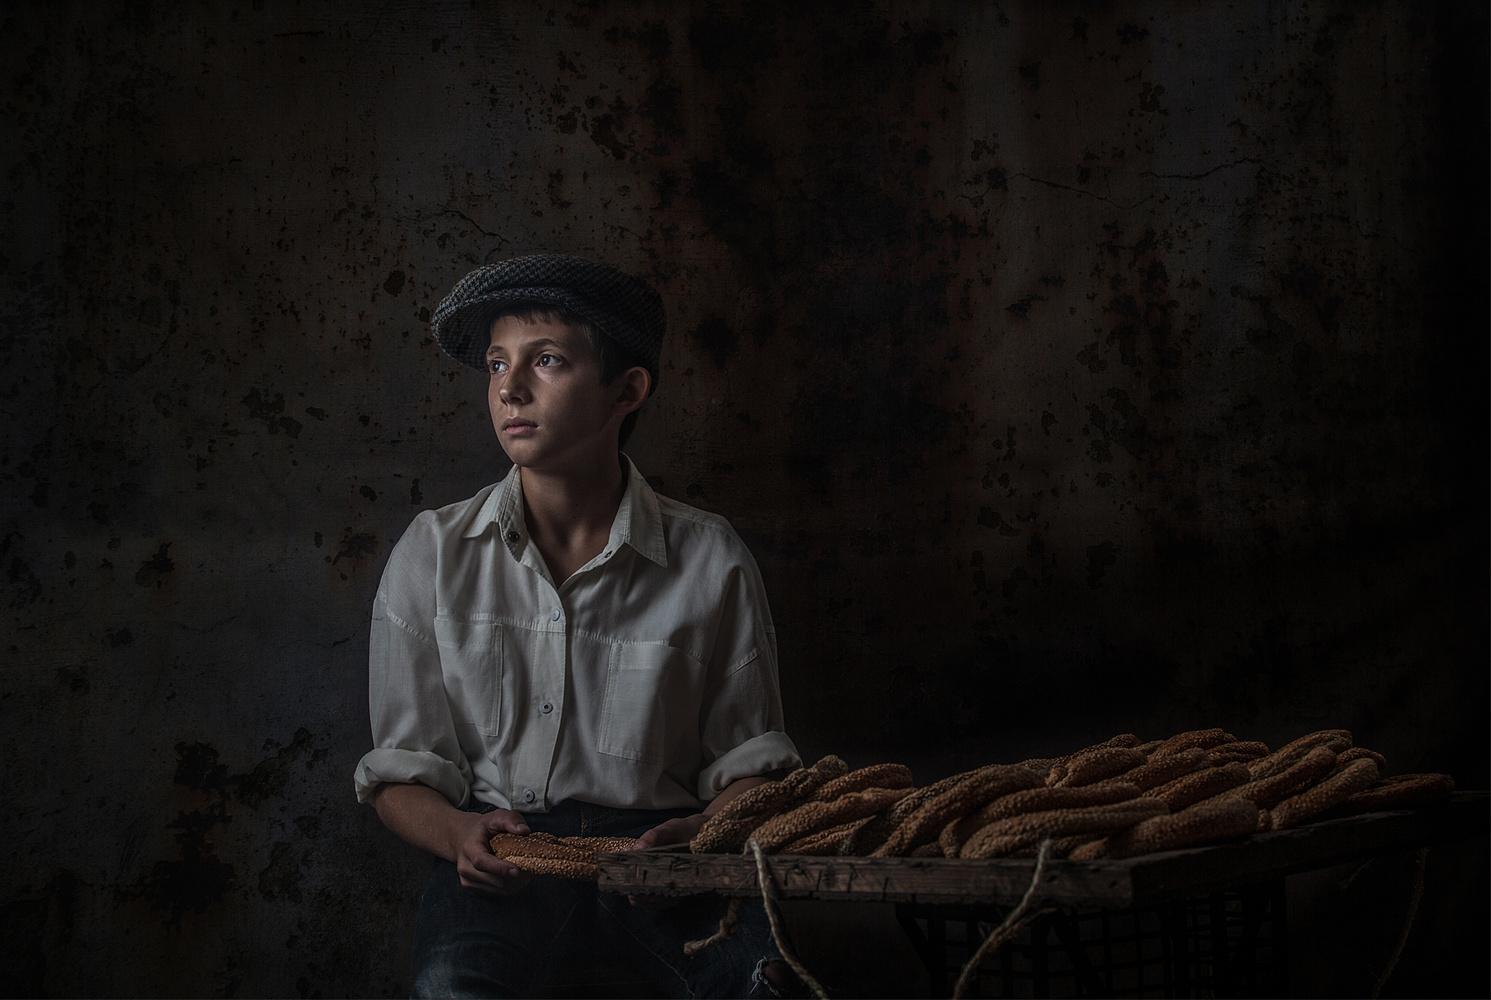 The Bunner by Akis Douzlatzis